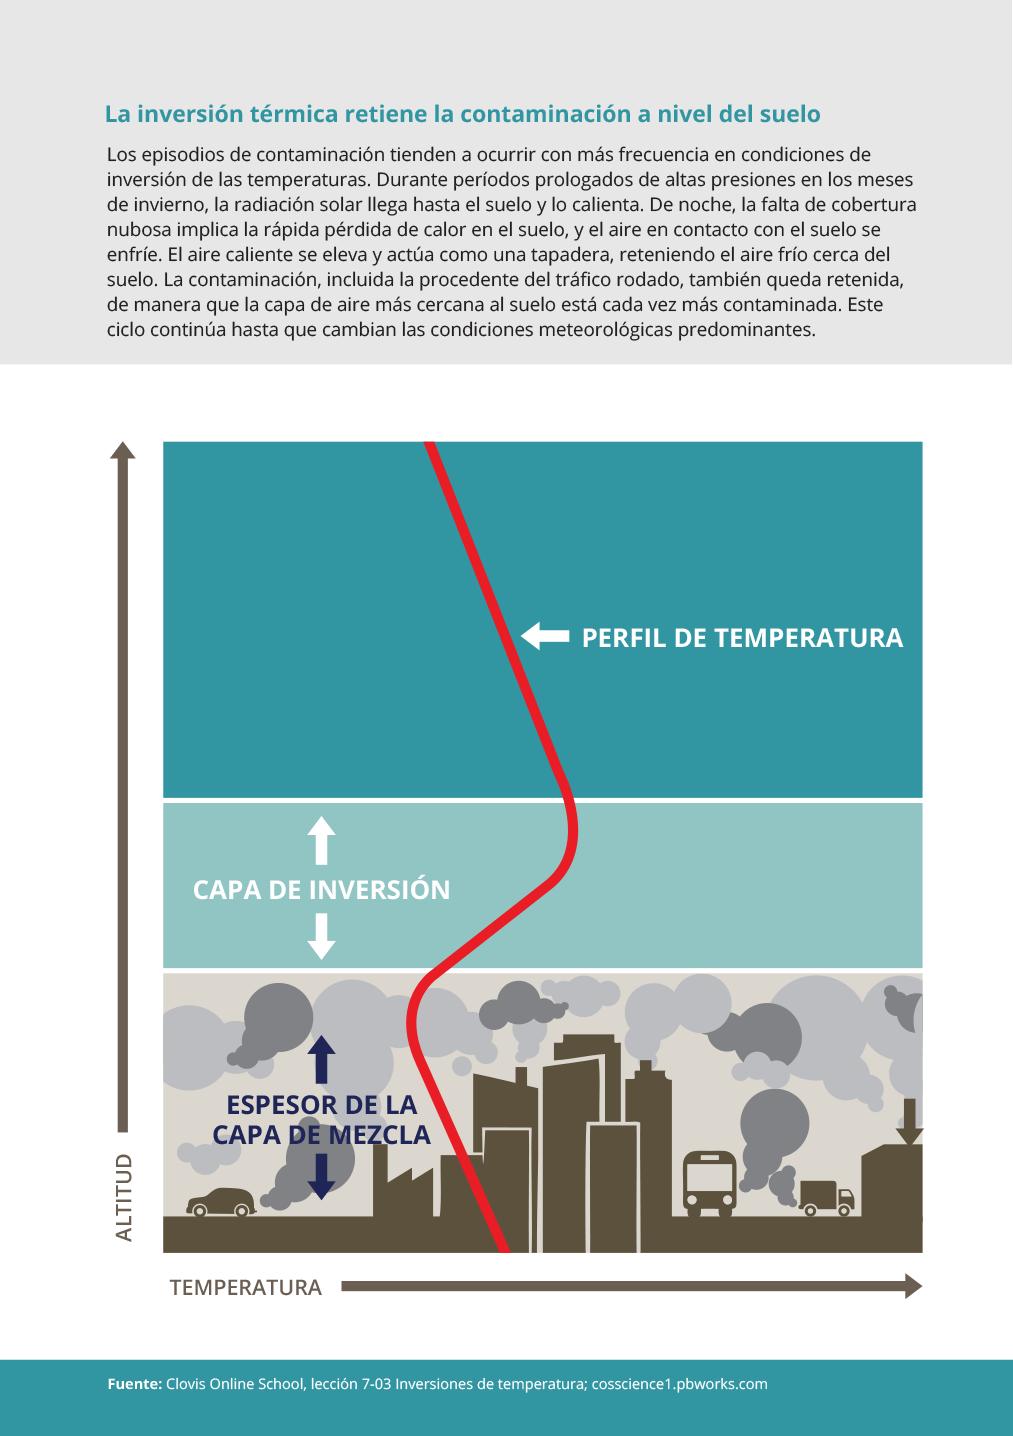 La inversión térmica retiene la contaminación a nivel del suelo